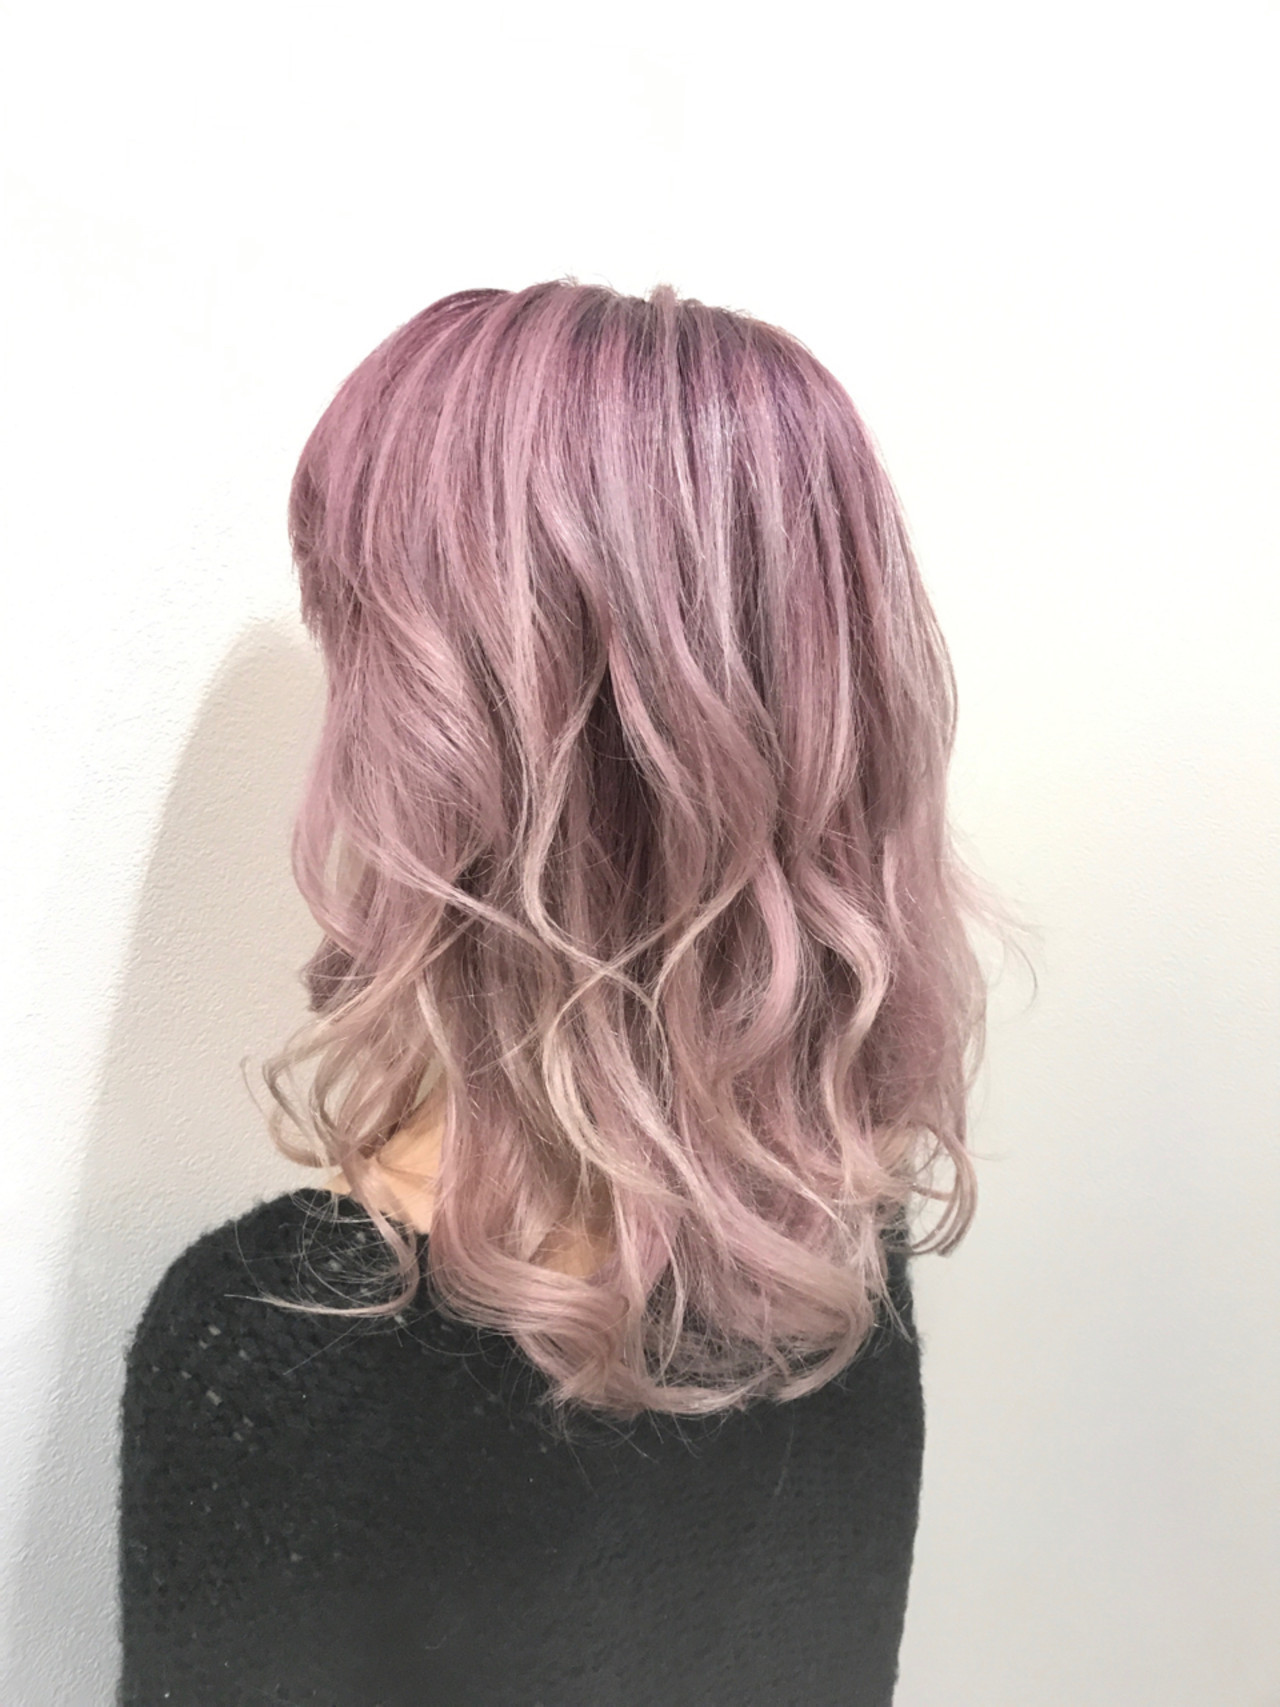 透明感 フェミニン ミディアム ピンク ヘアスタイルや髪型の写真・画像